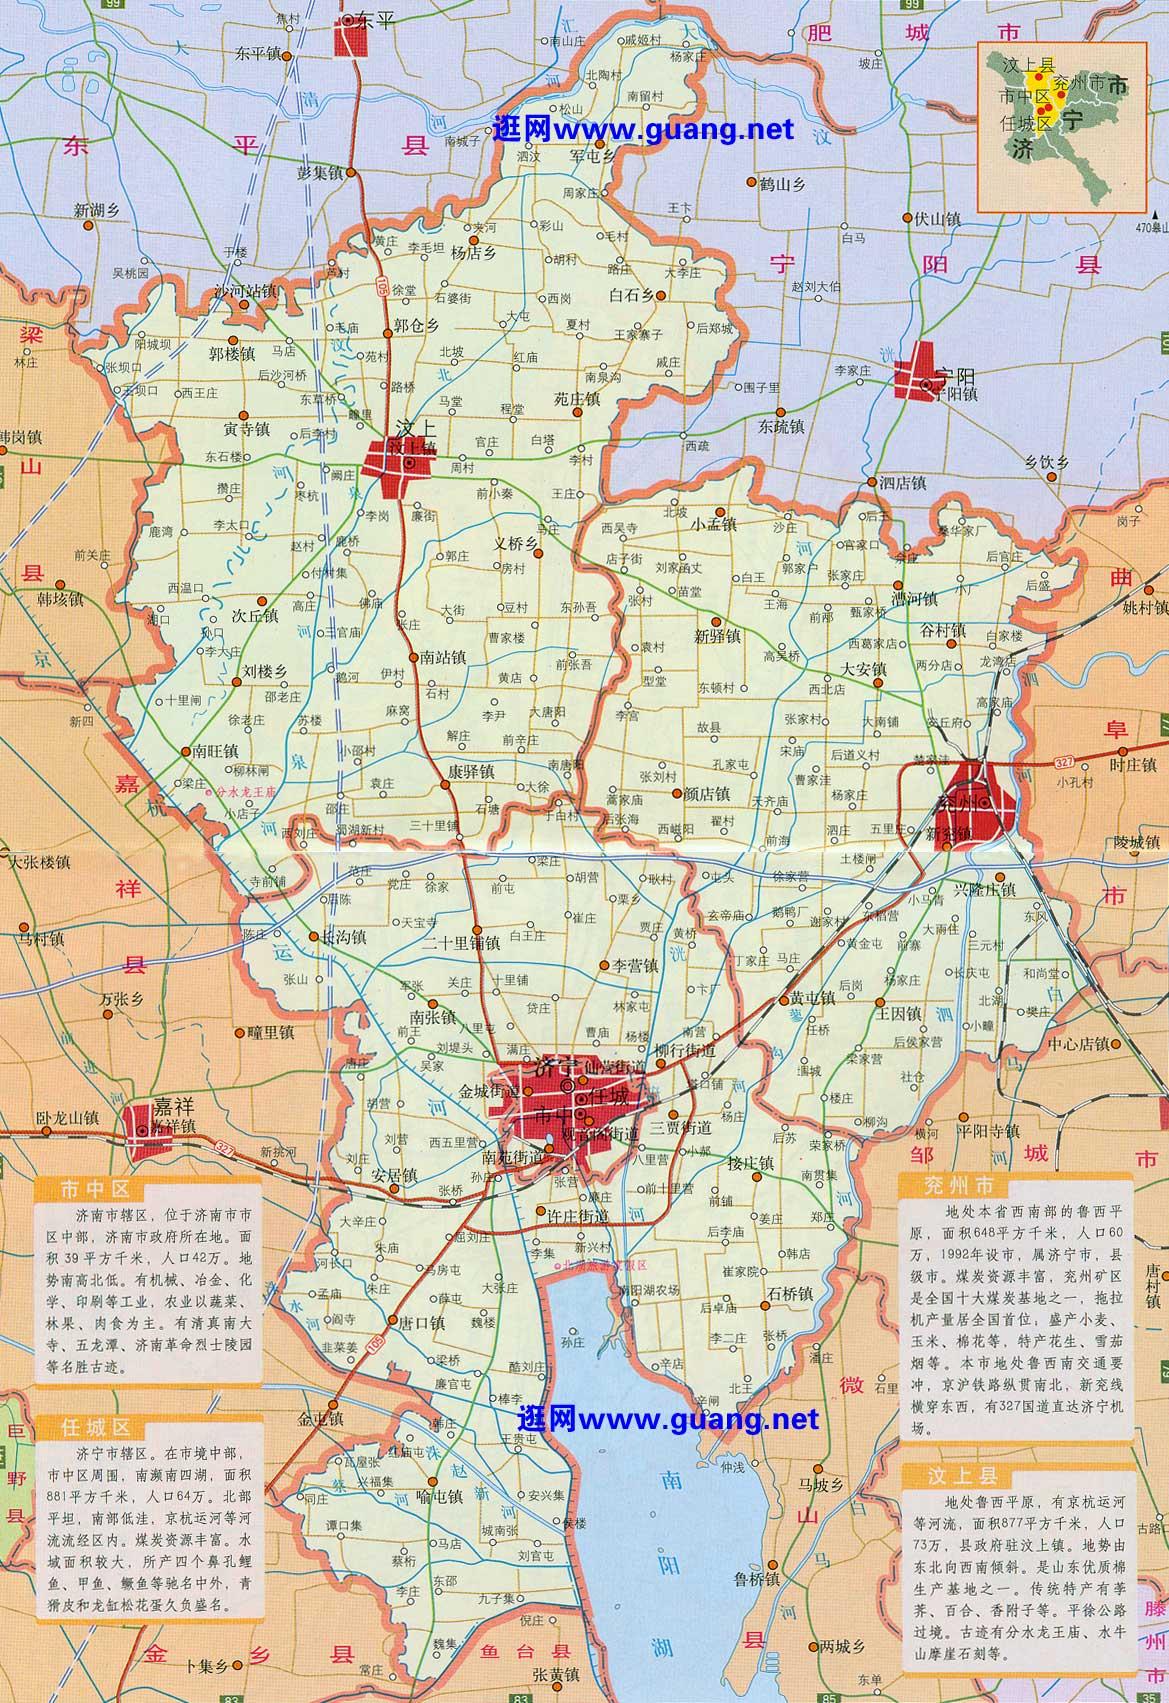 汶上地图查询 济宁地图,兖州地图,汶上地图下载 骑行圈